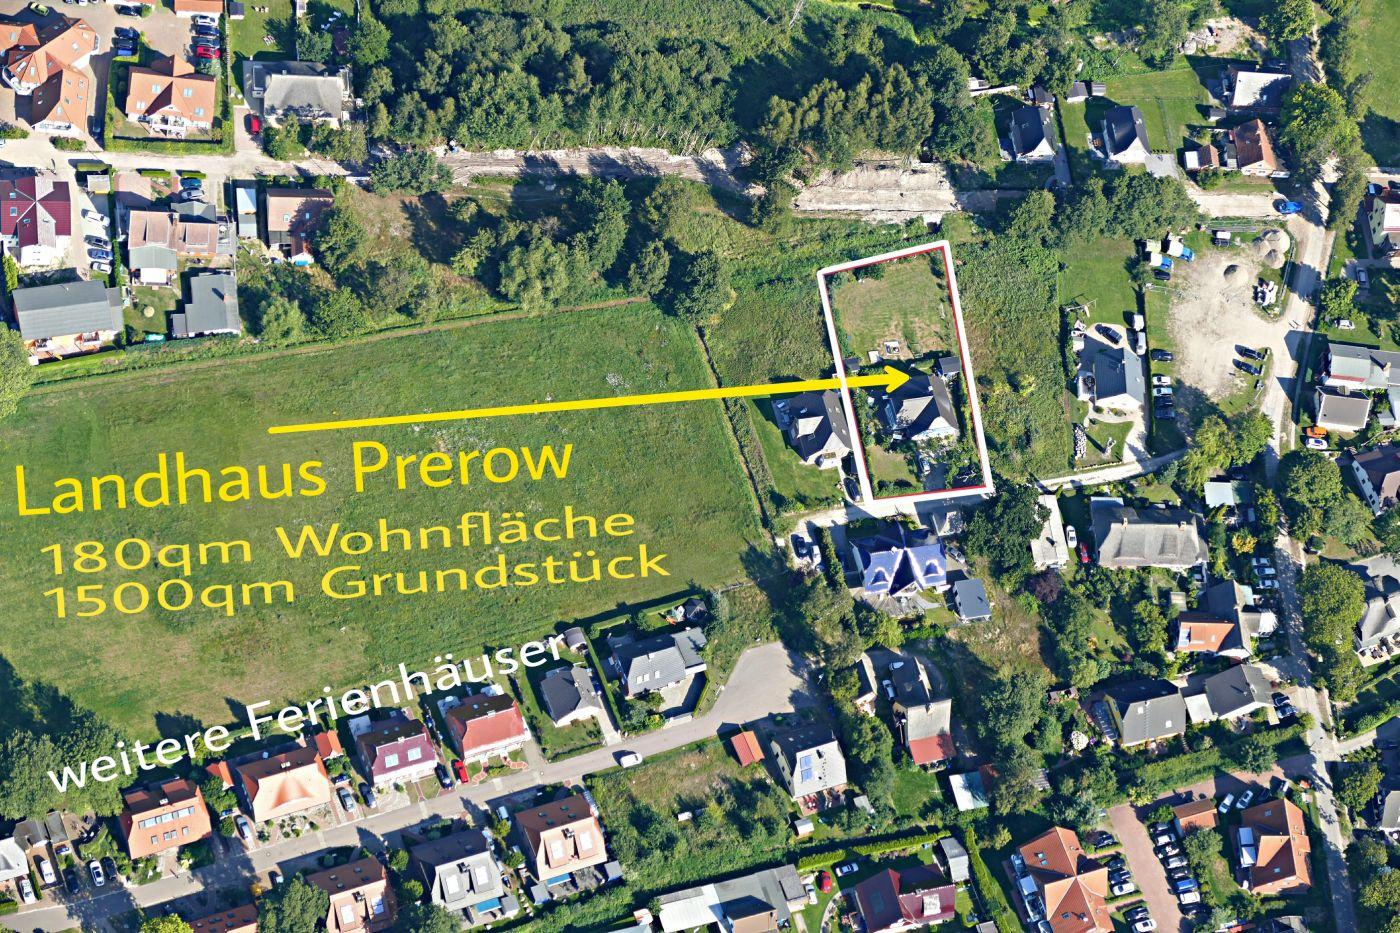 Das Ferienhaus Landhaus Prerow bietet eine Wohnfläche von 162m² sowie ein großzügiges, rund 1500m2 großes Grundstück.